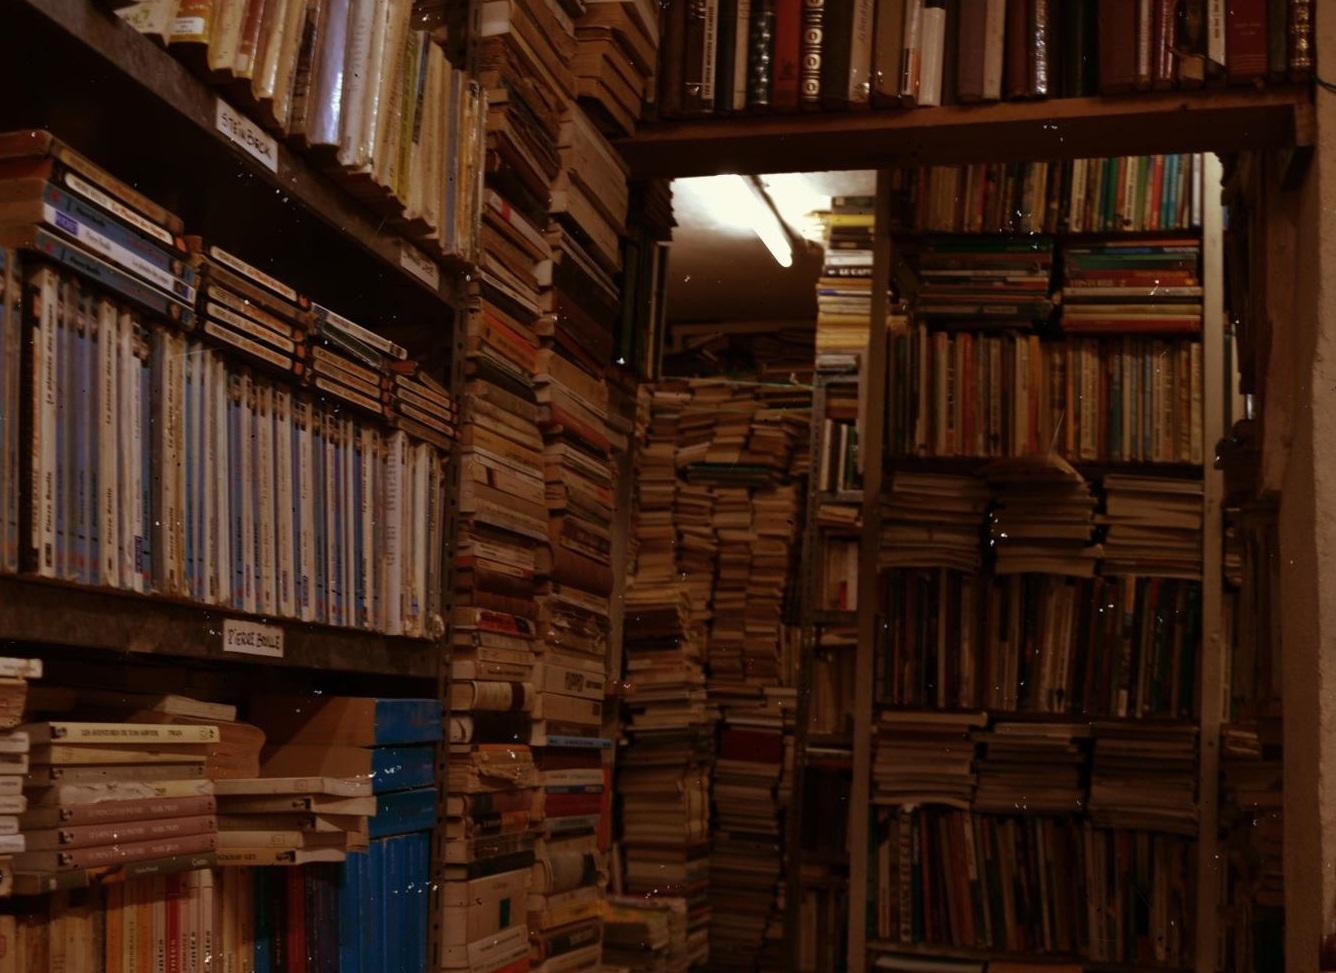 مكتبة لبيع الكتب في تونس